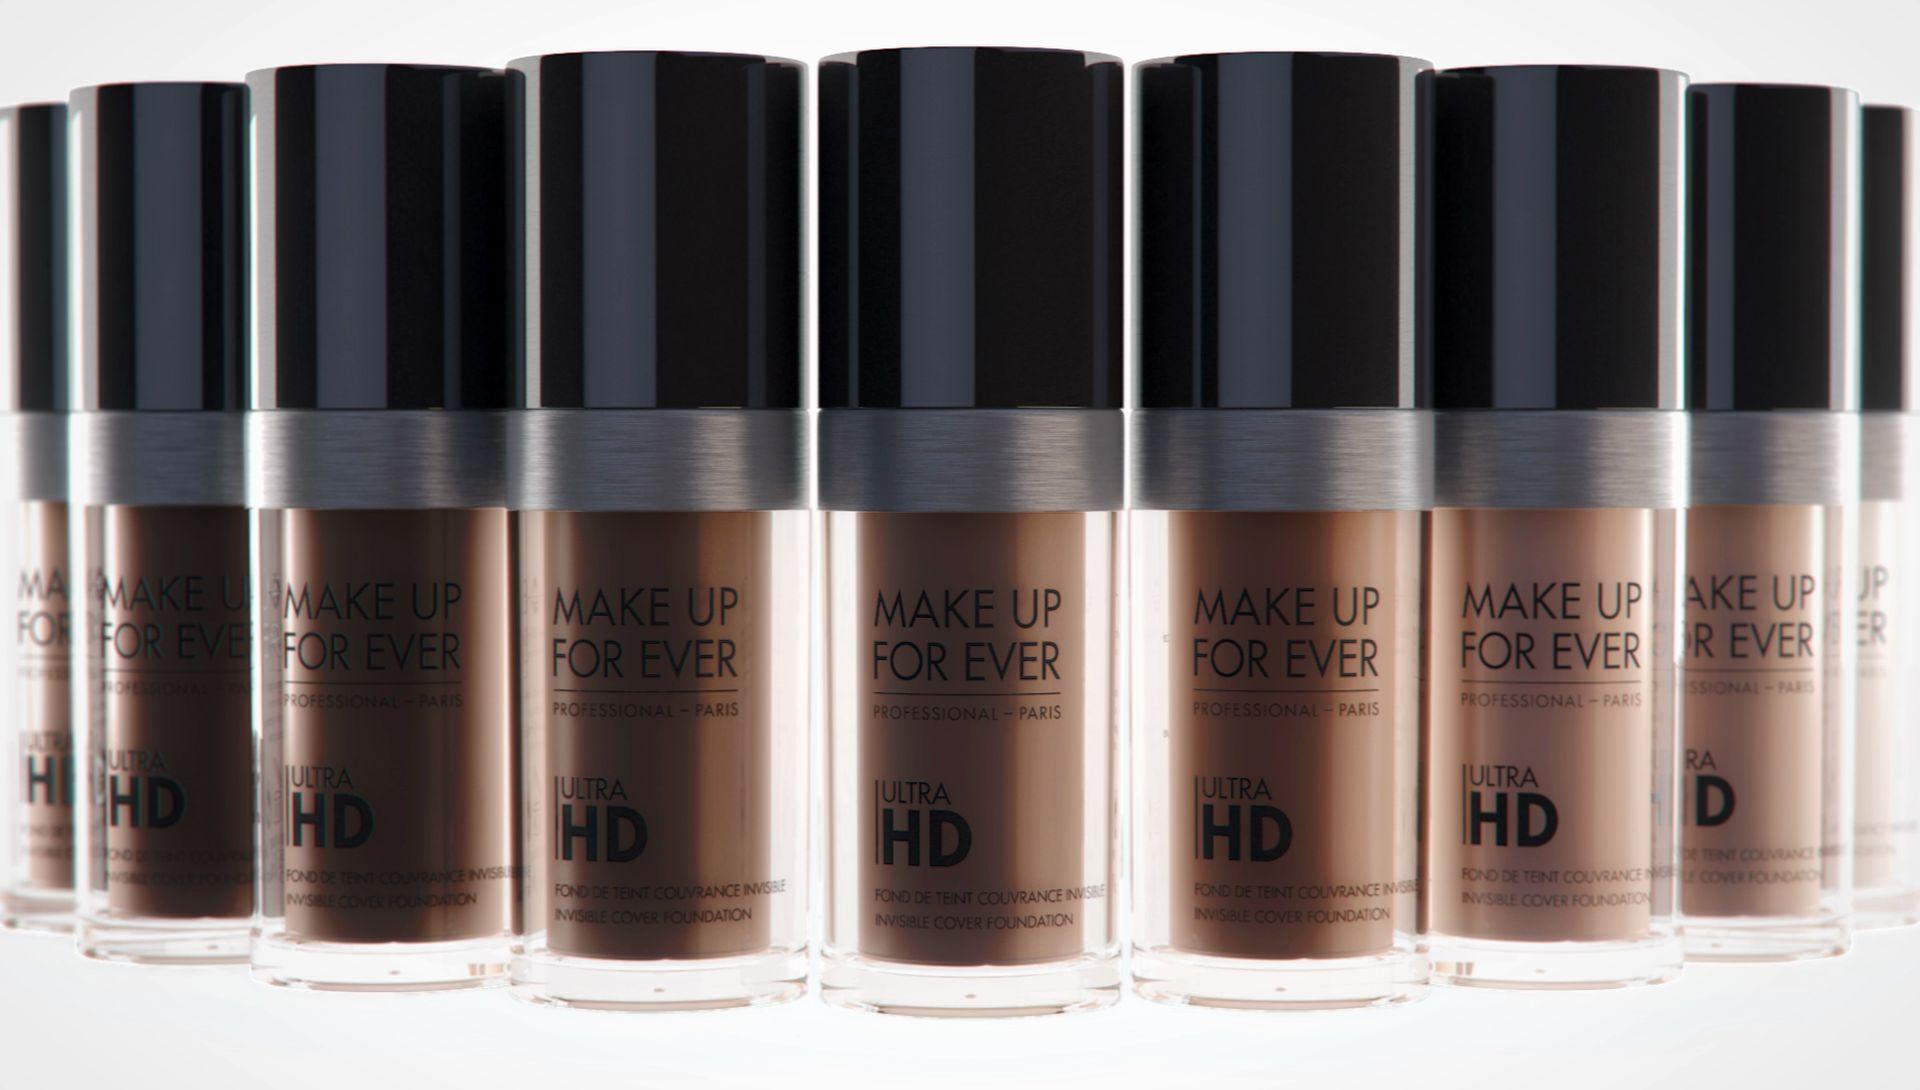 """<a href=""""http://jonathan-carrier.com/portfolio/make-up-for-ever-uhd/"""">Make Up For Ever - UHD</a>"""